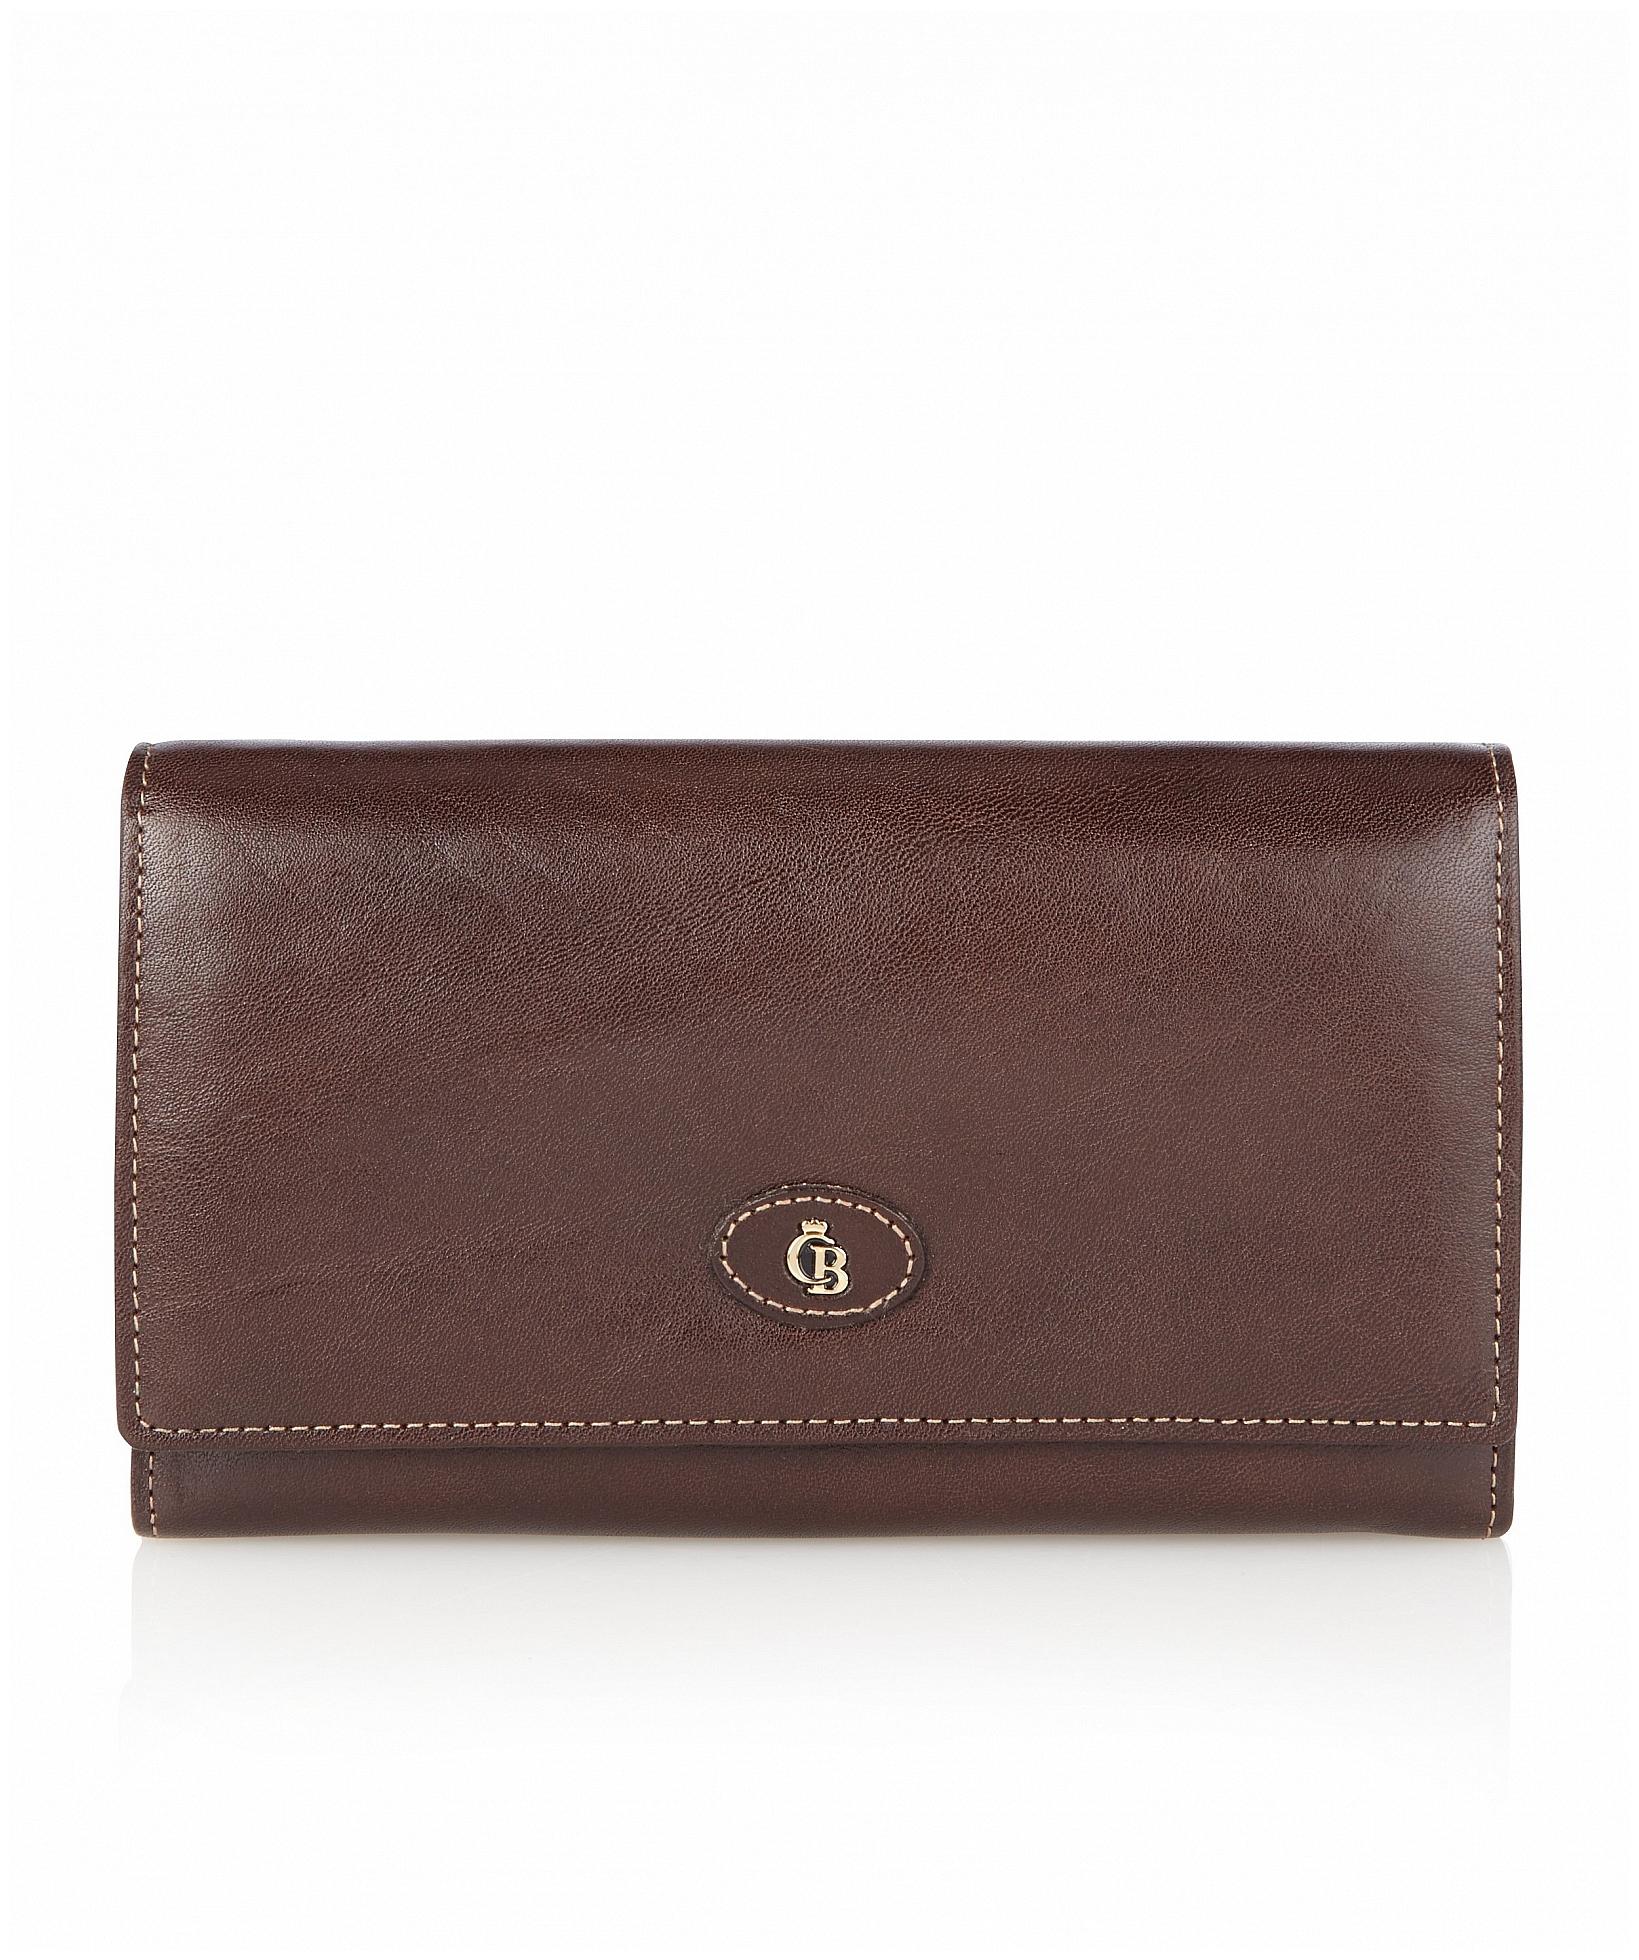 5719a1dfa53 Castelijn  amp  Beerens Dámská kožená peněženka 422402 hnědá